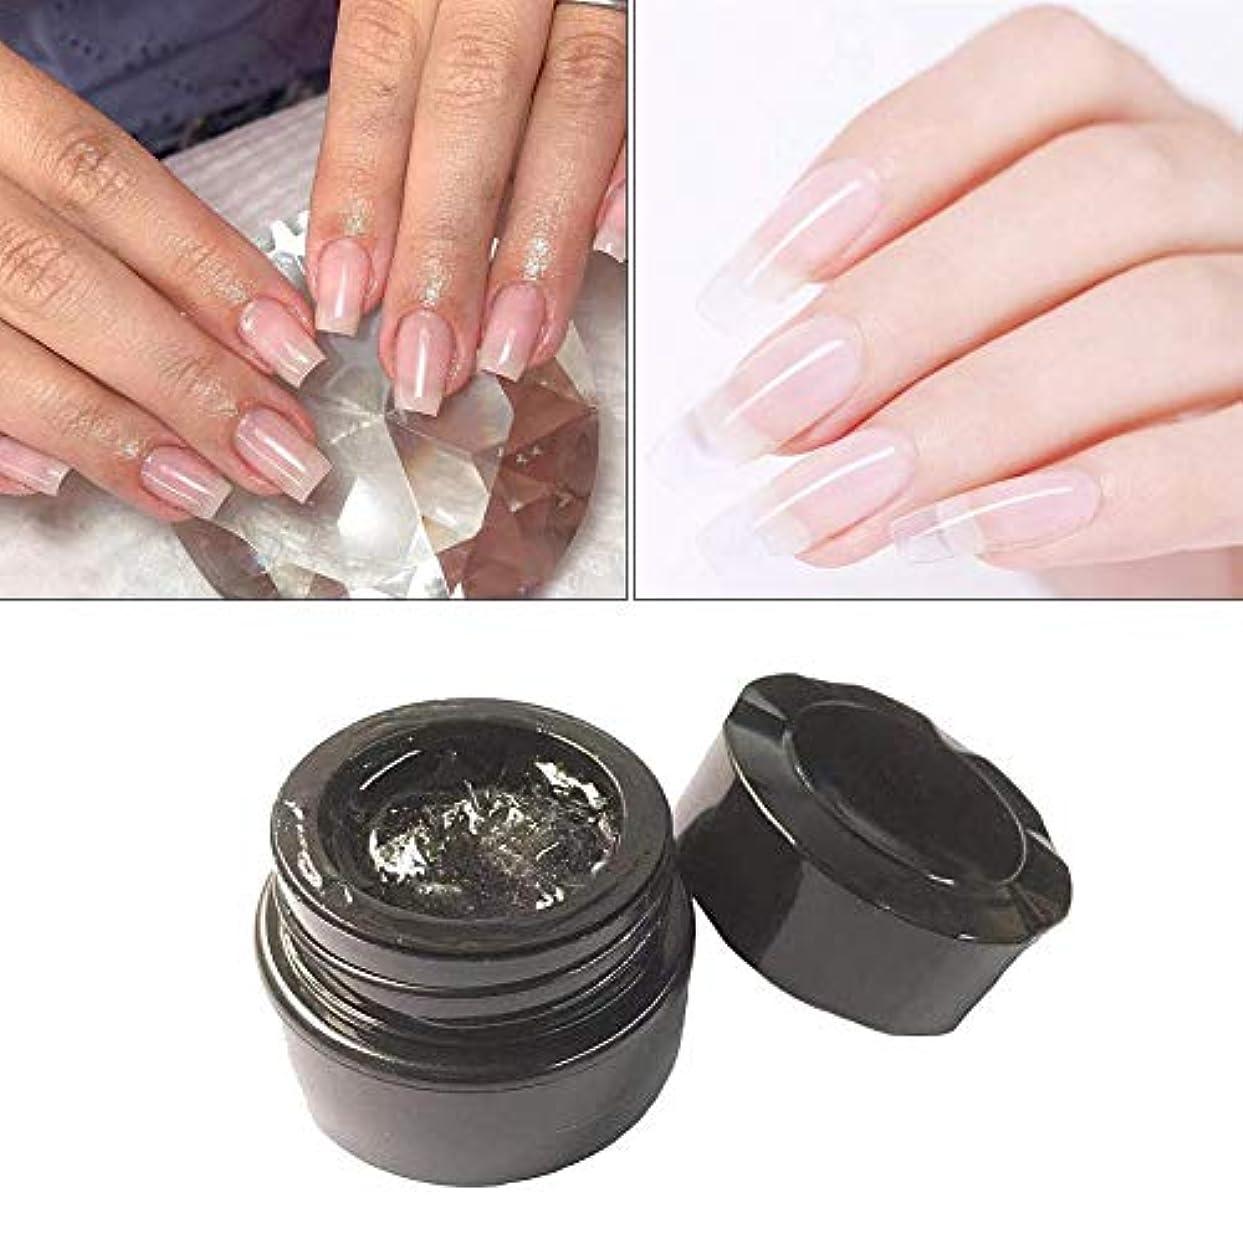 規制するメッシュもう一度Ankishi® 釘の延長繊維1-2CMのガラス繊維のゲルの釘の芸術の速い光線療法の延長ゲル